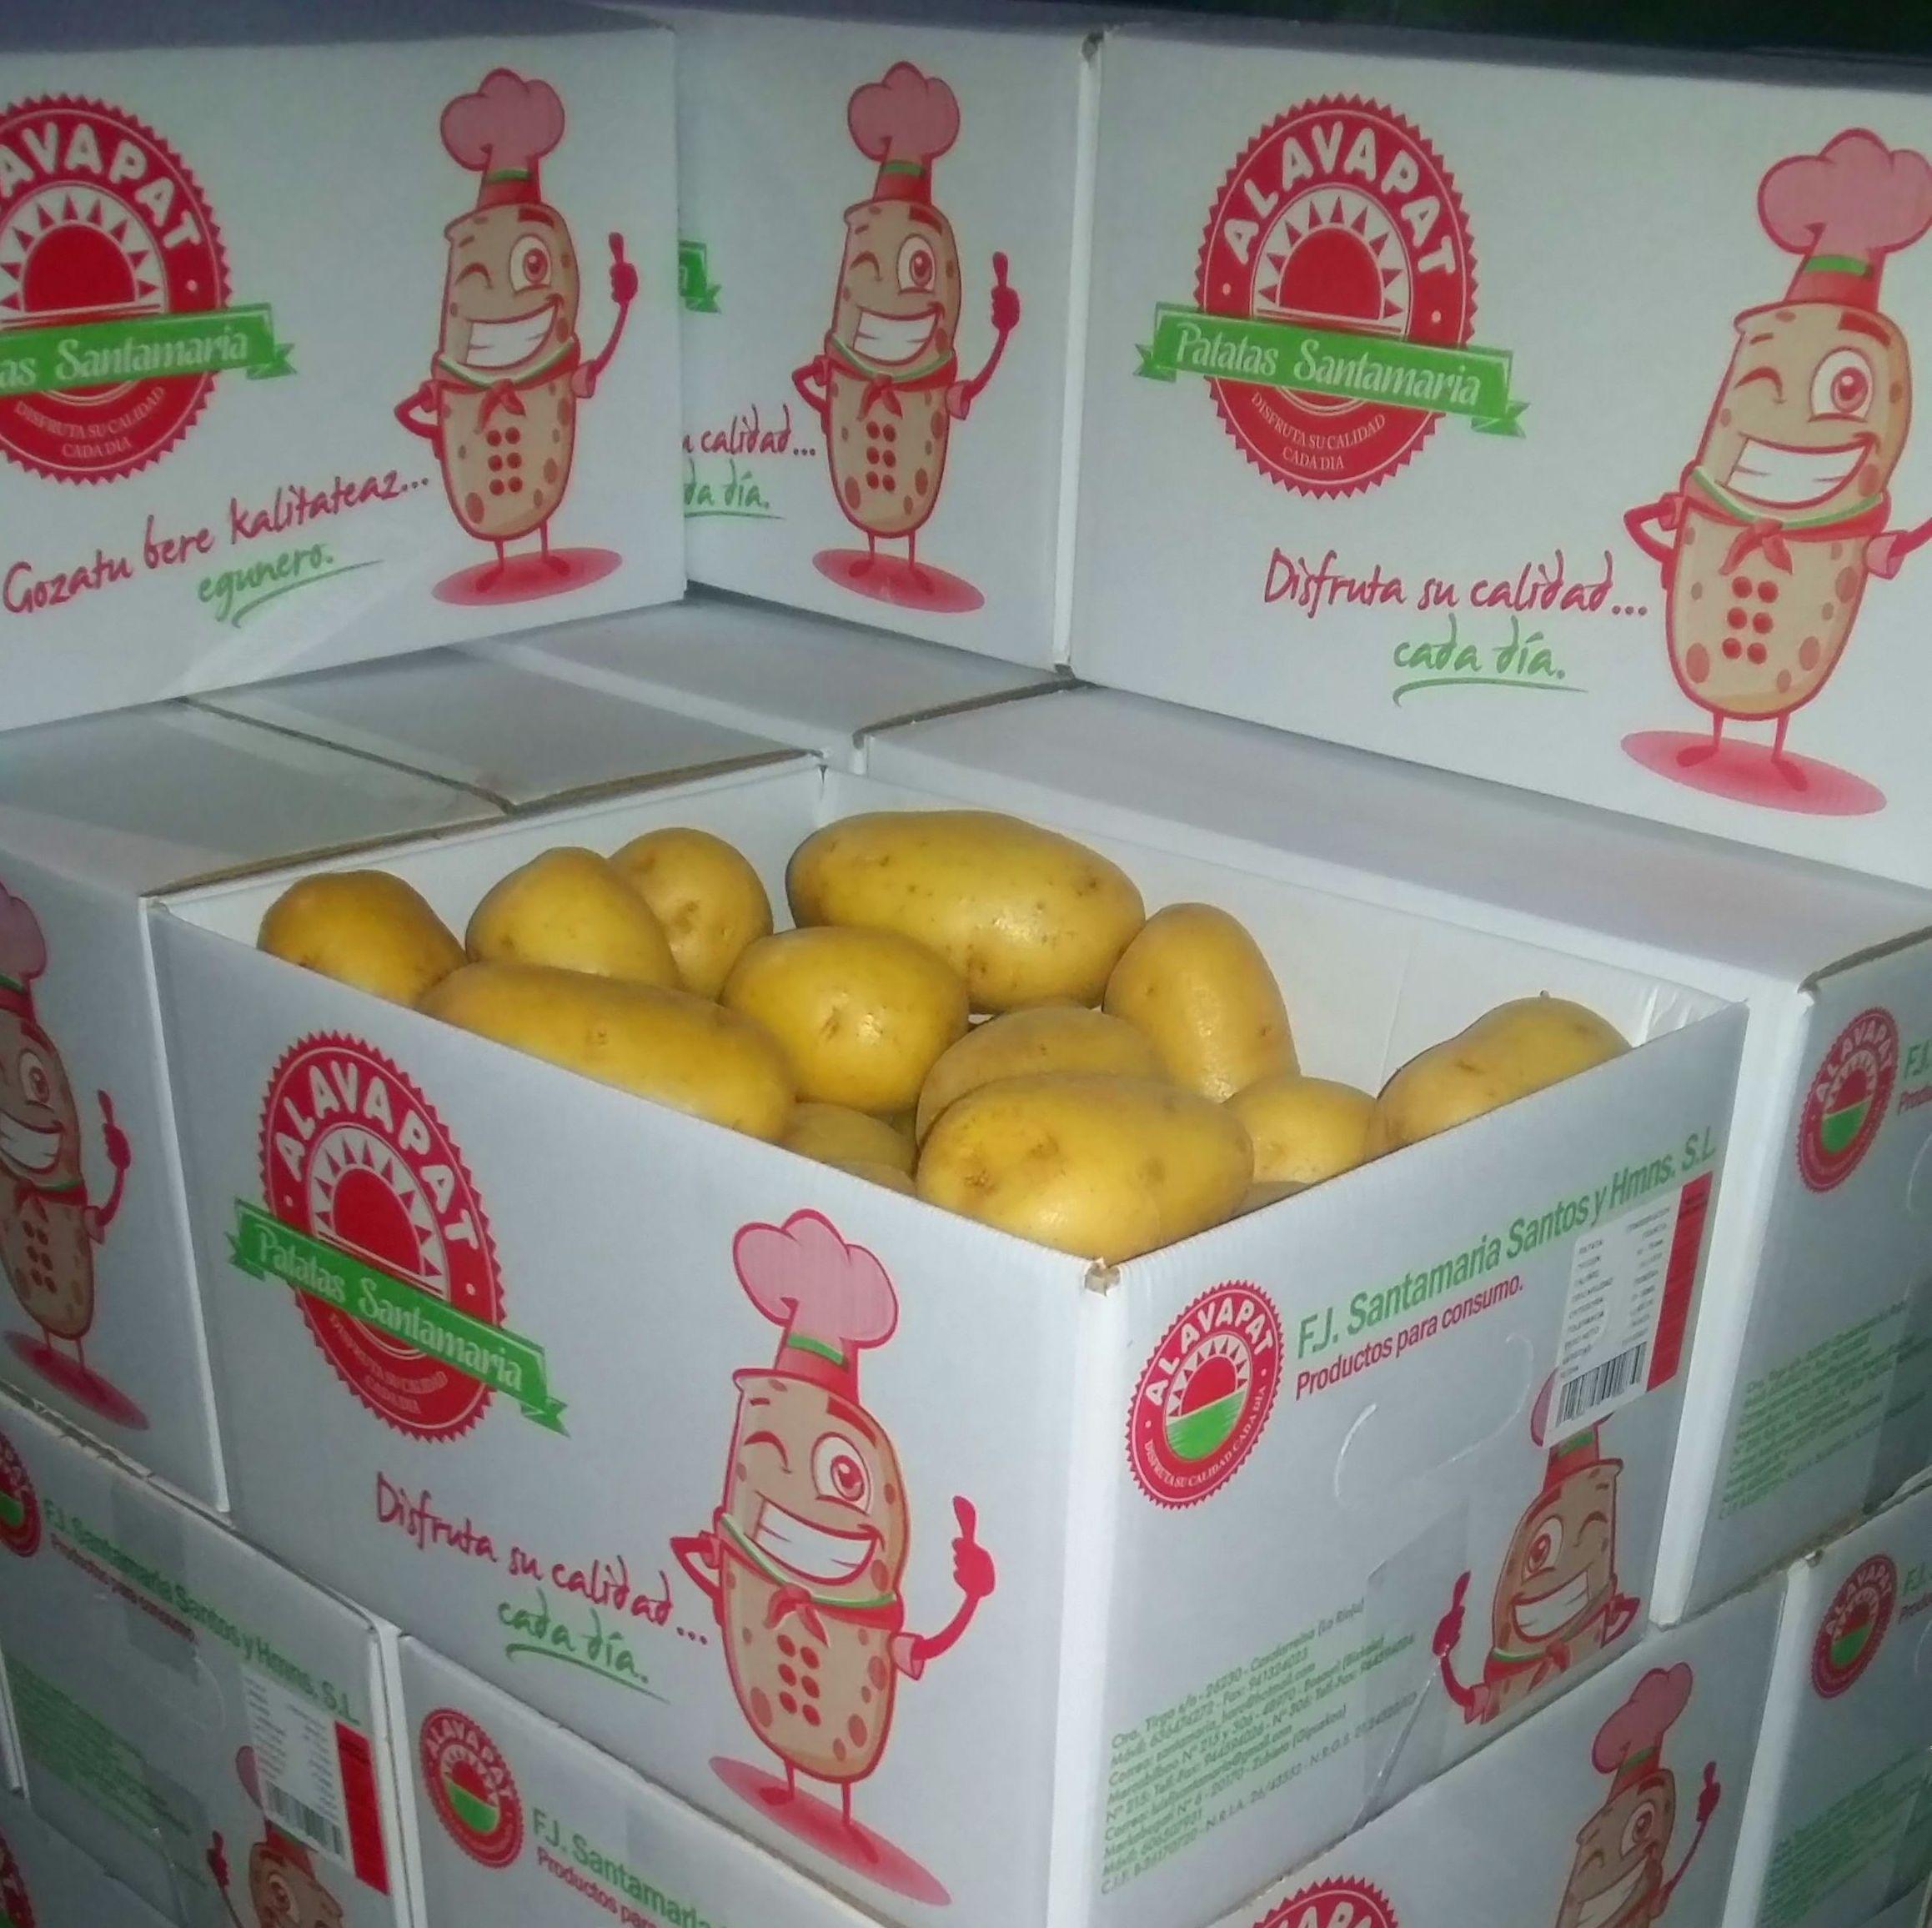 ALAVAPAT BOX: Productos de Patatas Santamaría